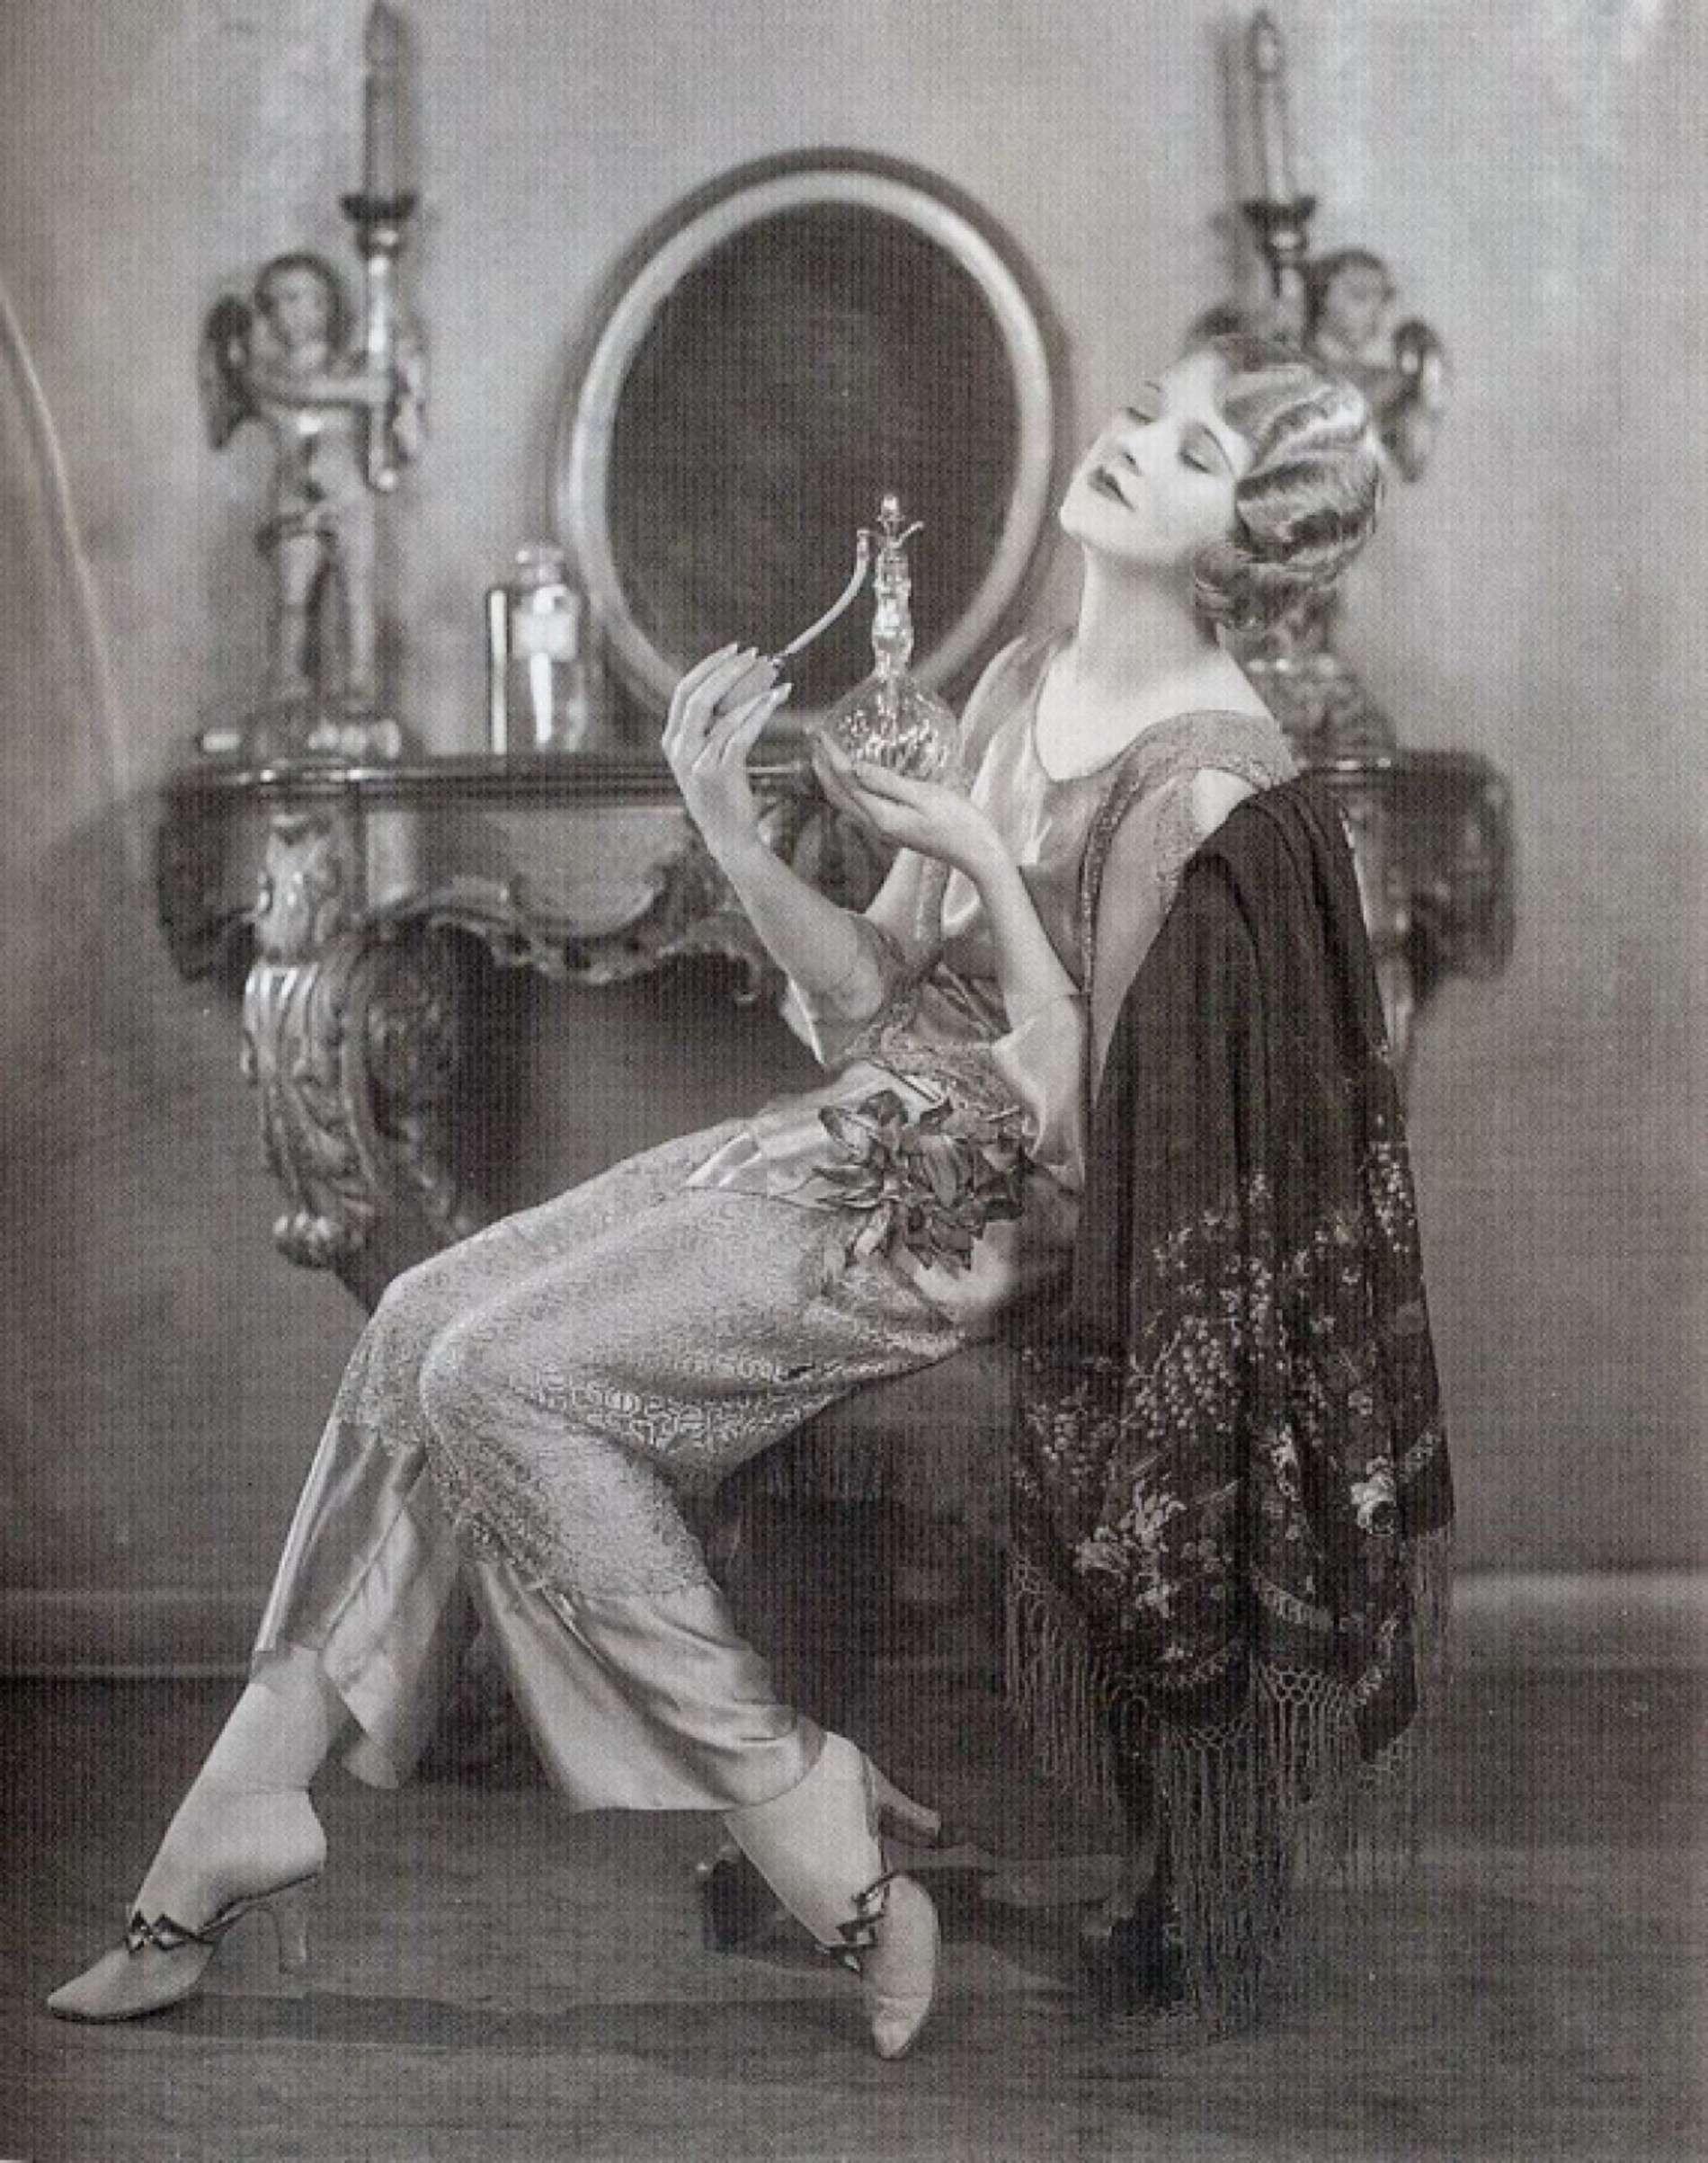 Як одягалися жінки у 20-х роках минулого століття